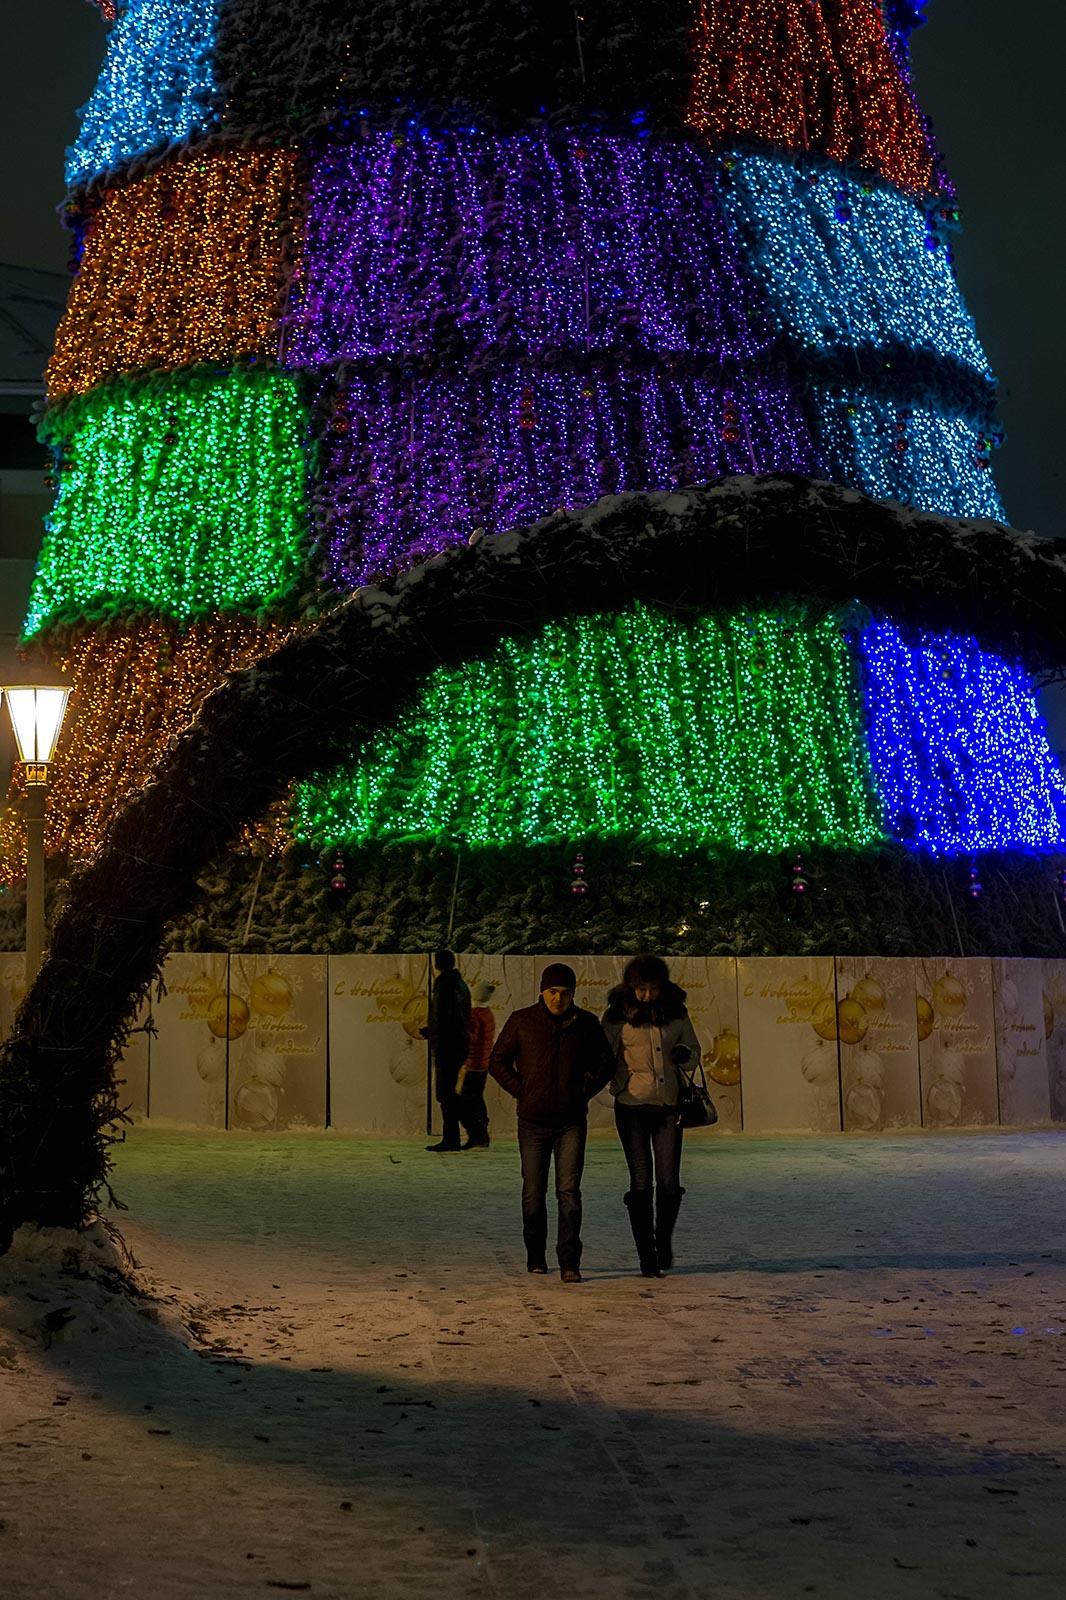 Фото №122308. Фрагмент ёлки в  парке Тысячелетия